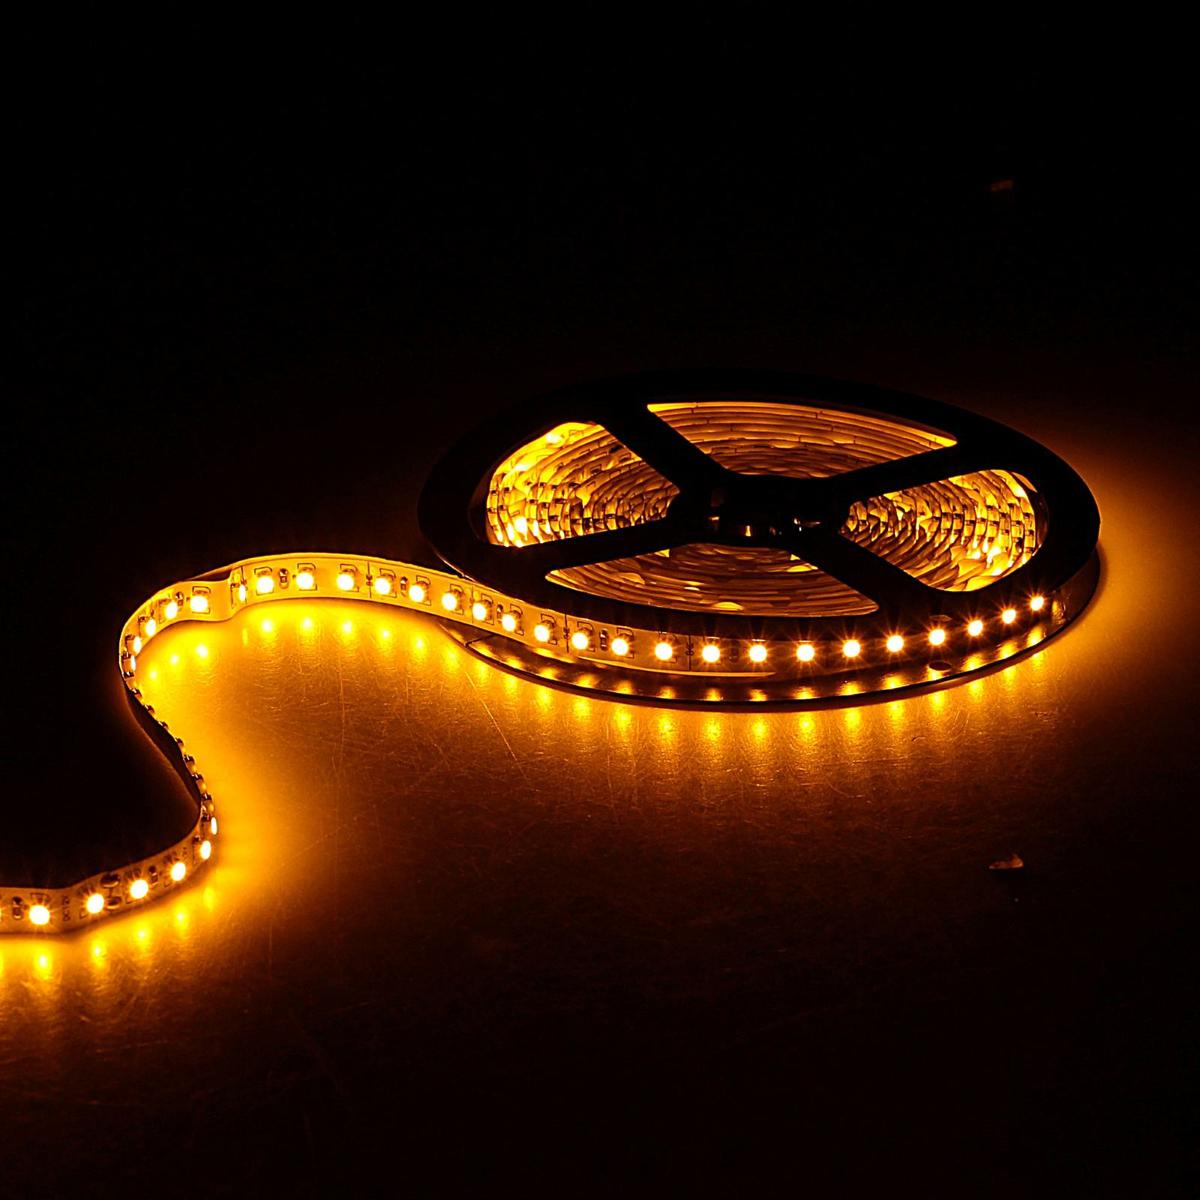 Светодиодная лента Sima-land, 12В, SMD3528, длина 5 м, IP33, 120 LED ламп, 9.6 Вт/м, 6-7 Лм/1 LED, DC, цвет: желтый. 848542848542Светодиодные гирлянды, ленты и т.д — это отличный вариант для новогоднего оформления интерьера или фасада. С их помощью помещение любого размера можно превратить в праздничный зал, а внешние элементы зданий, украшенные ими, мгновенно станут напоминать очертания сказочного дворца. Такие украшения создают ауру предвкушения чуда. Деревья, фасады, витрины, окна и арки будто специально созданы, чтобы вы украсили их светящимися нитями.